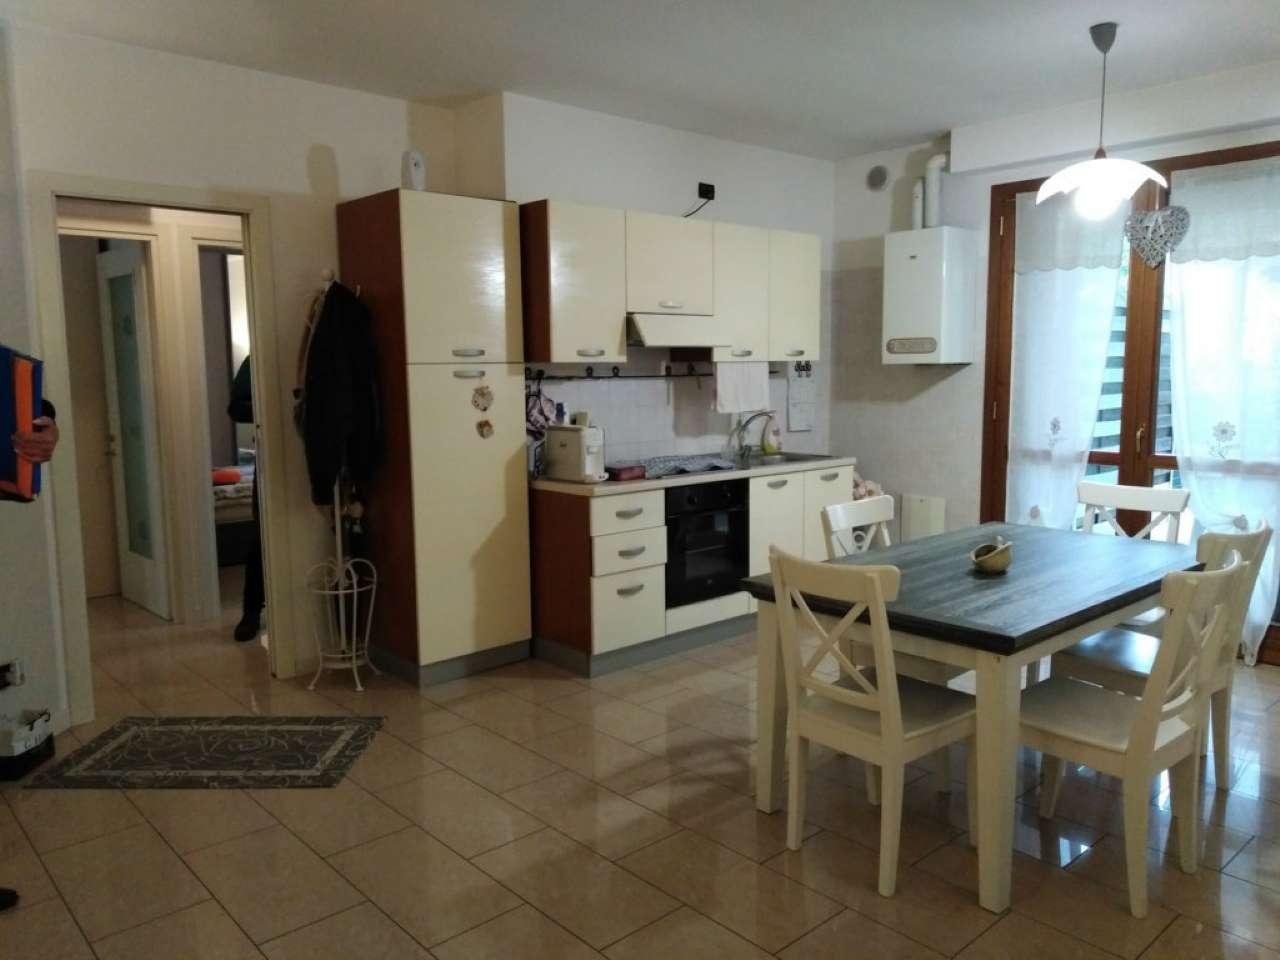 Appartamento in vendita a Mira, 3 locali, prezzo € 139.000 | CambioCasa.it